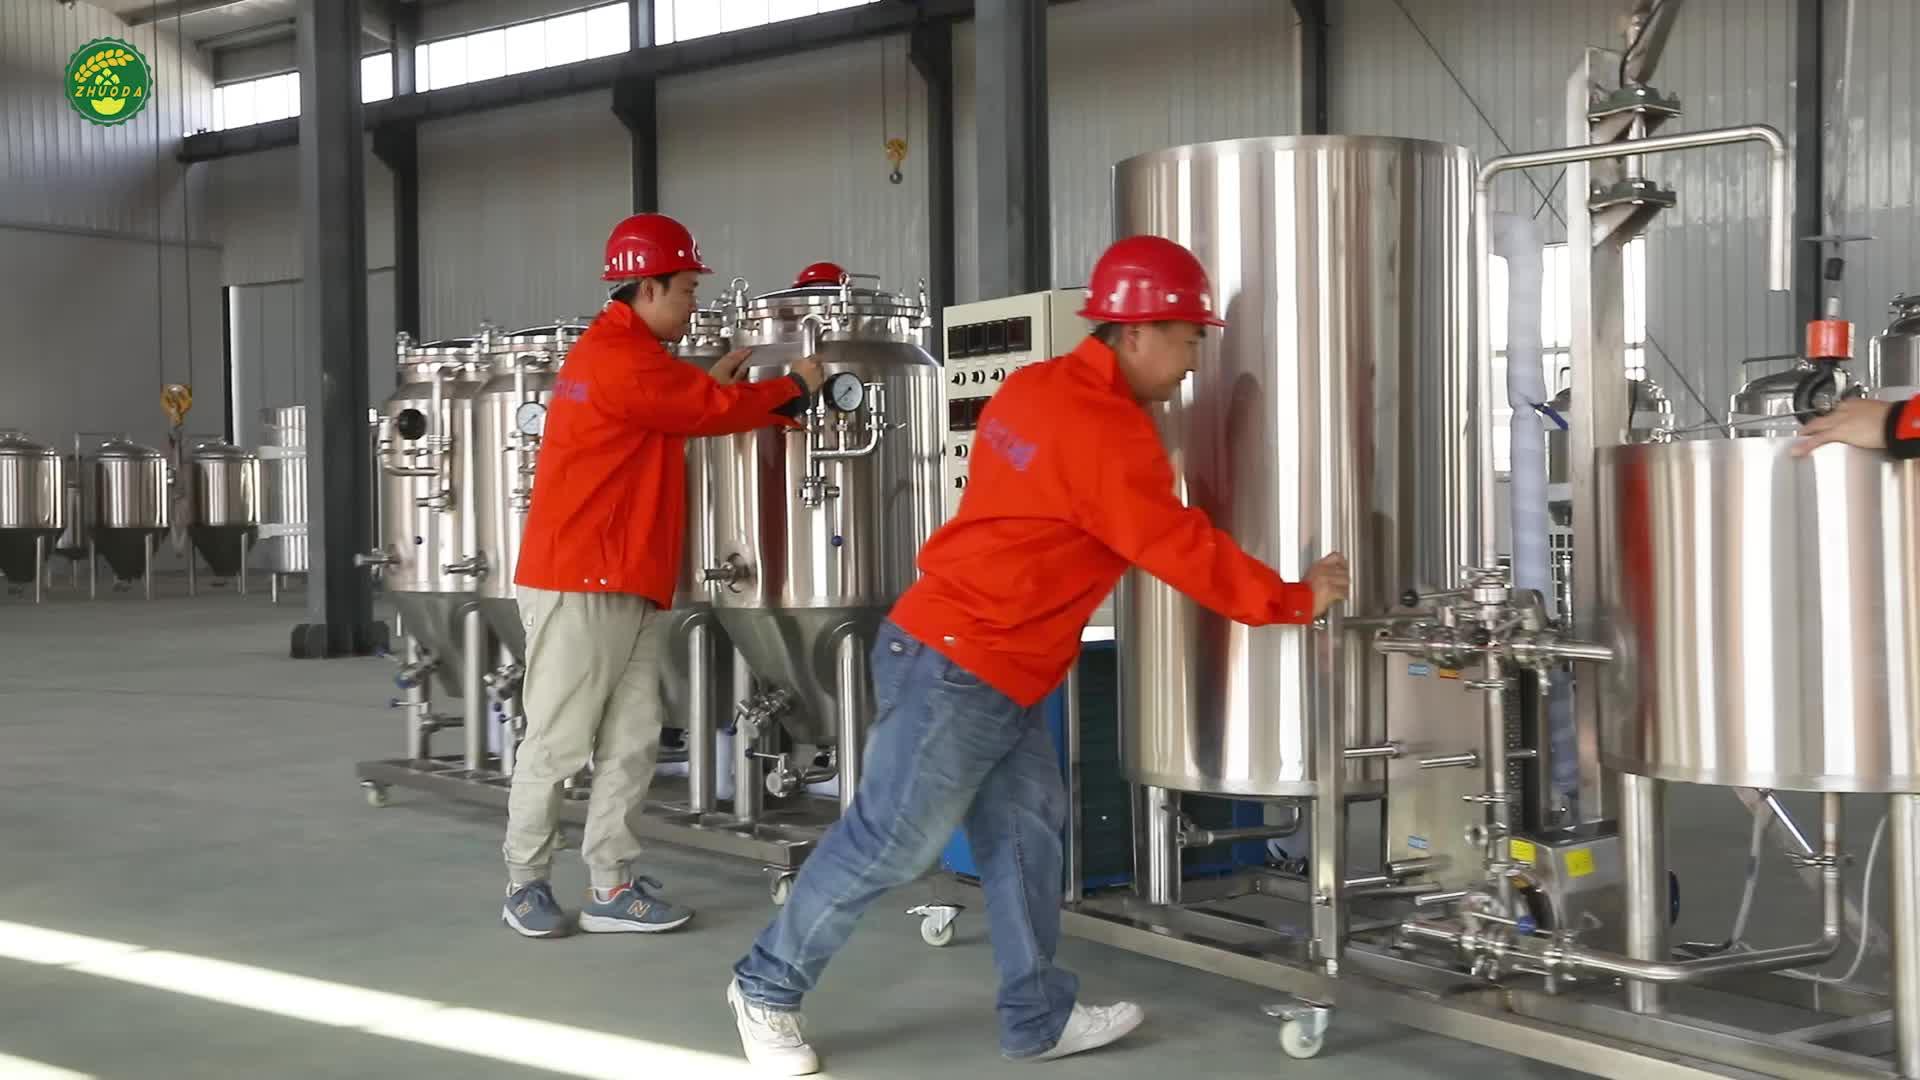 100l सभी में एक संरचना बियर मशीन छोटे व्यवसाय के लिए चीन से बिक्री के लिए इलेक्ट्रिक पक पॉट